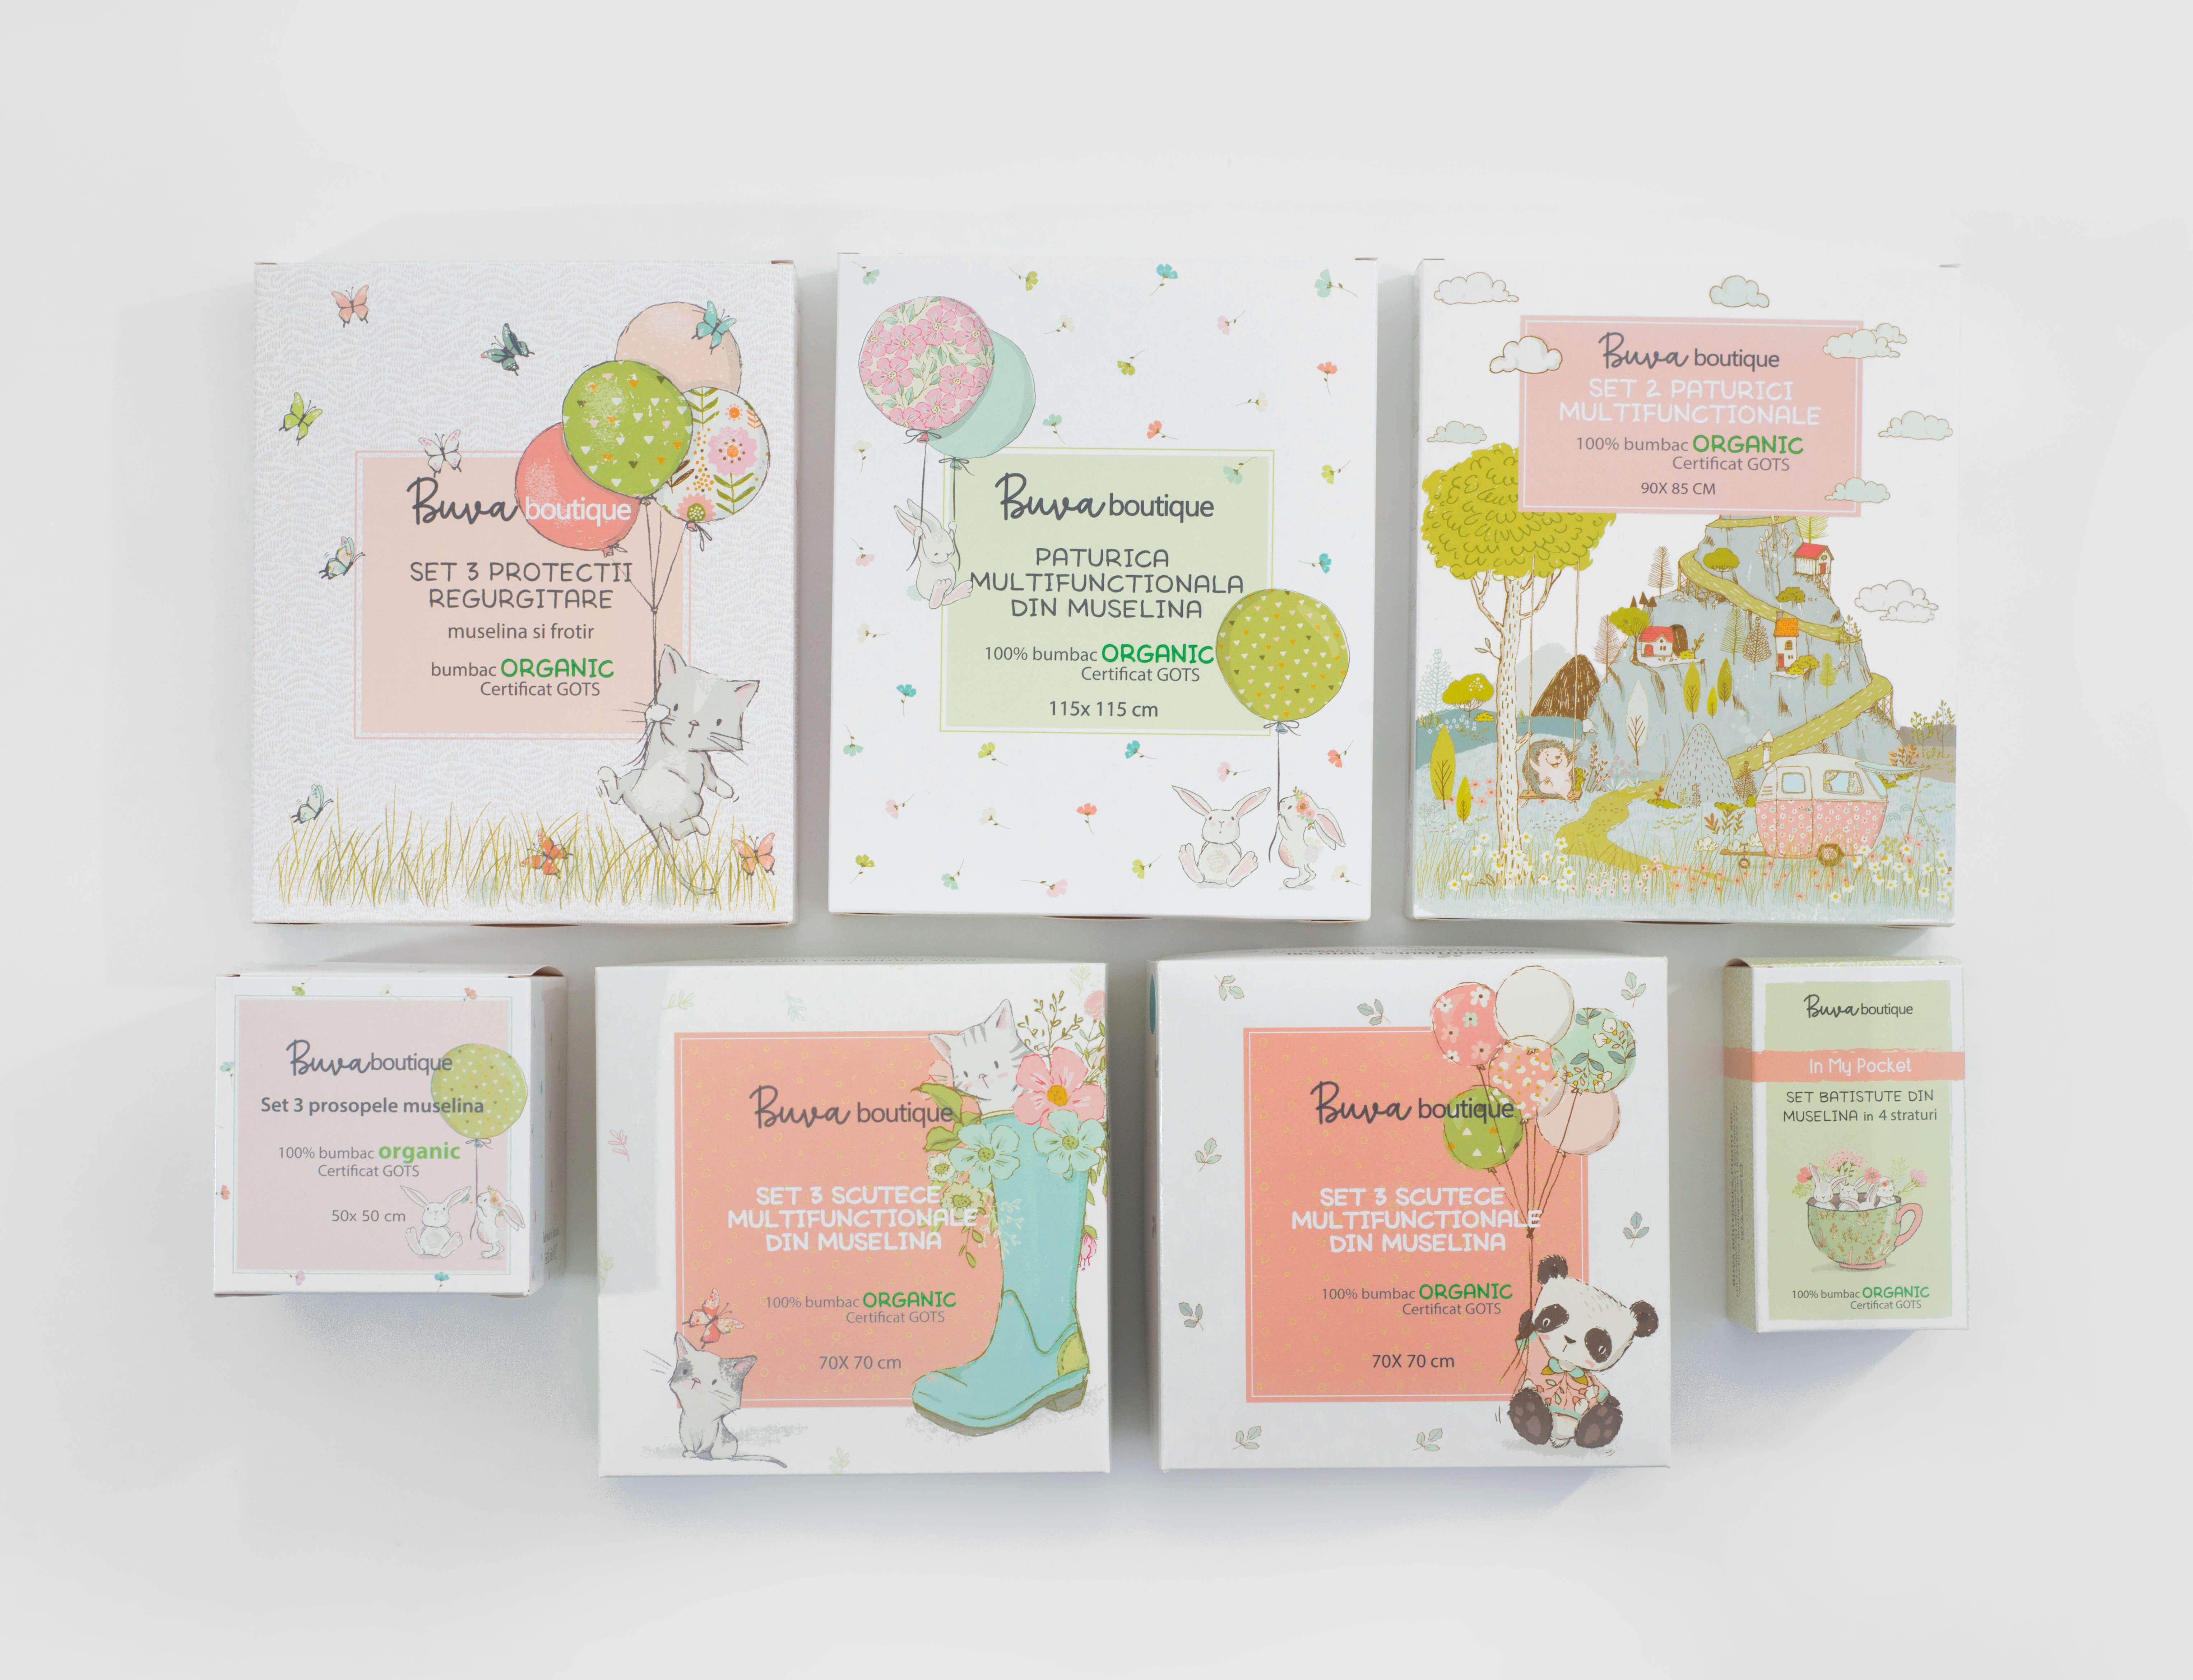 cajas para productos de la marca Buva Boutique